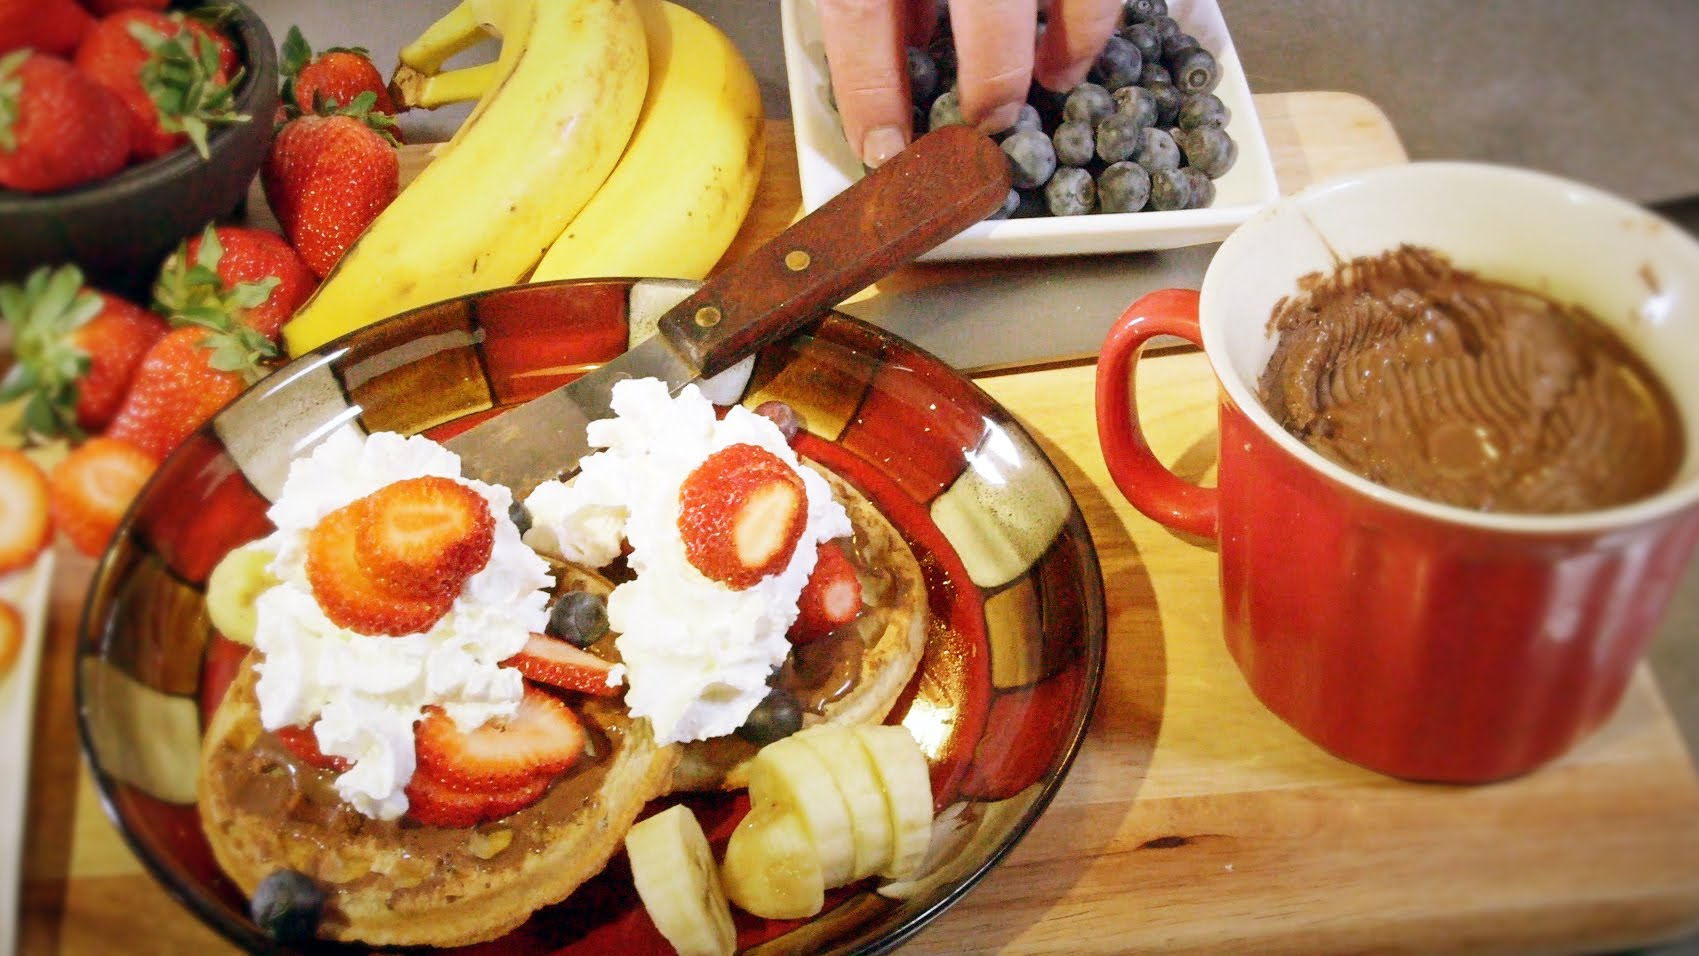 Sunrise Jack Cannabis Infused (Nutella) Chocolate Hazelnut Espresso Spread: Infused Eats #27